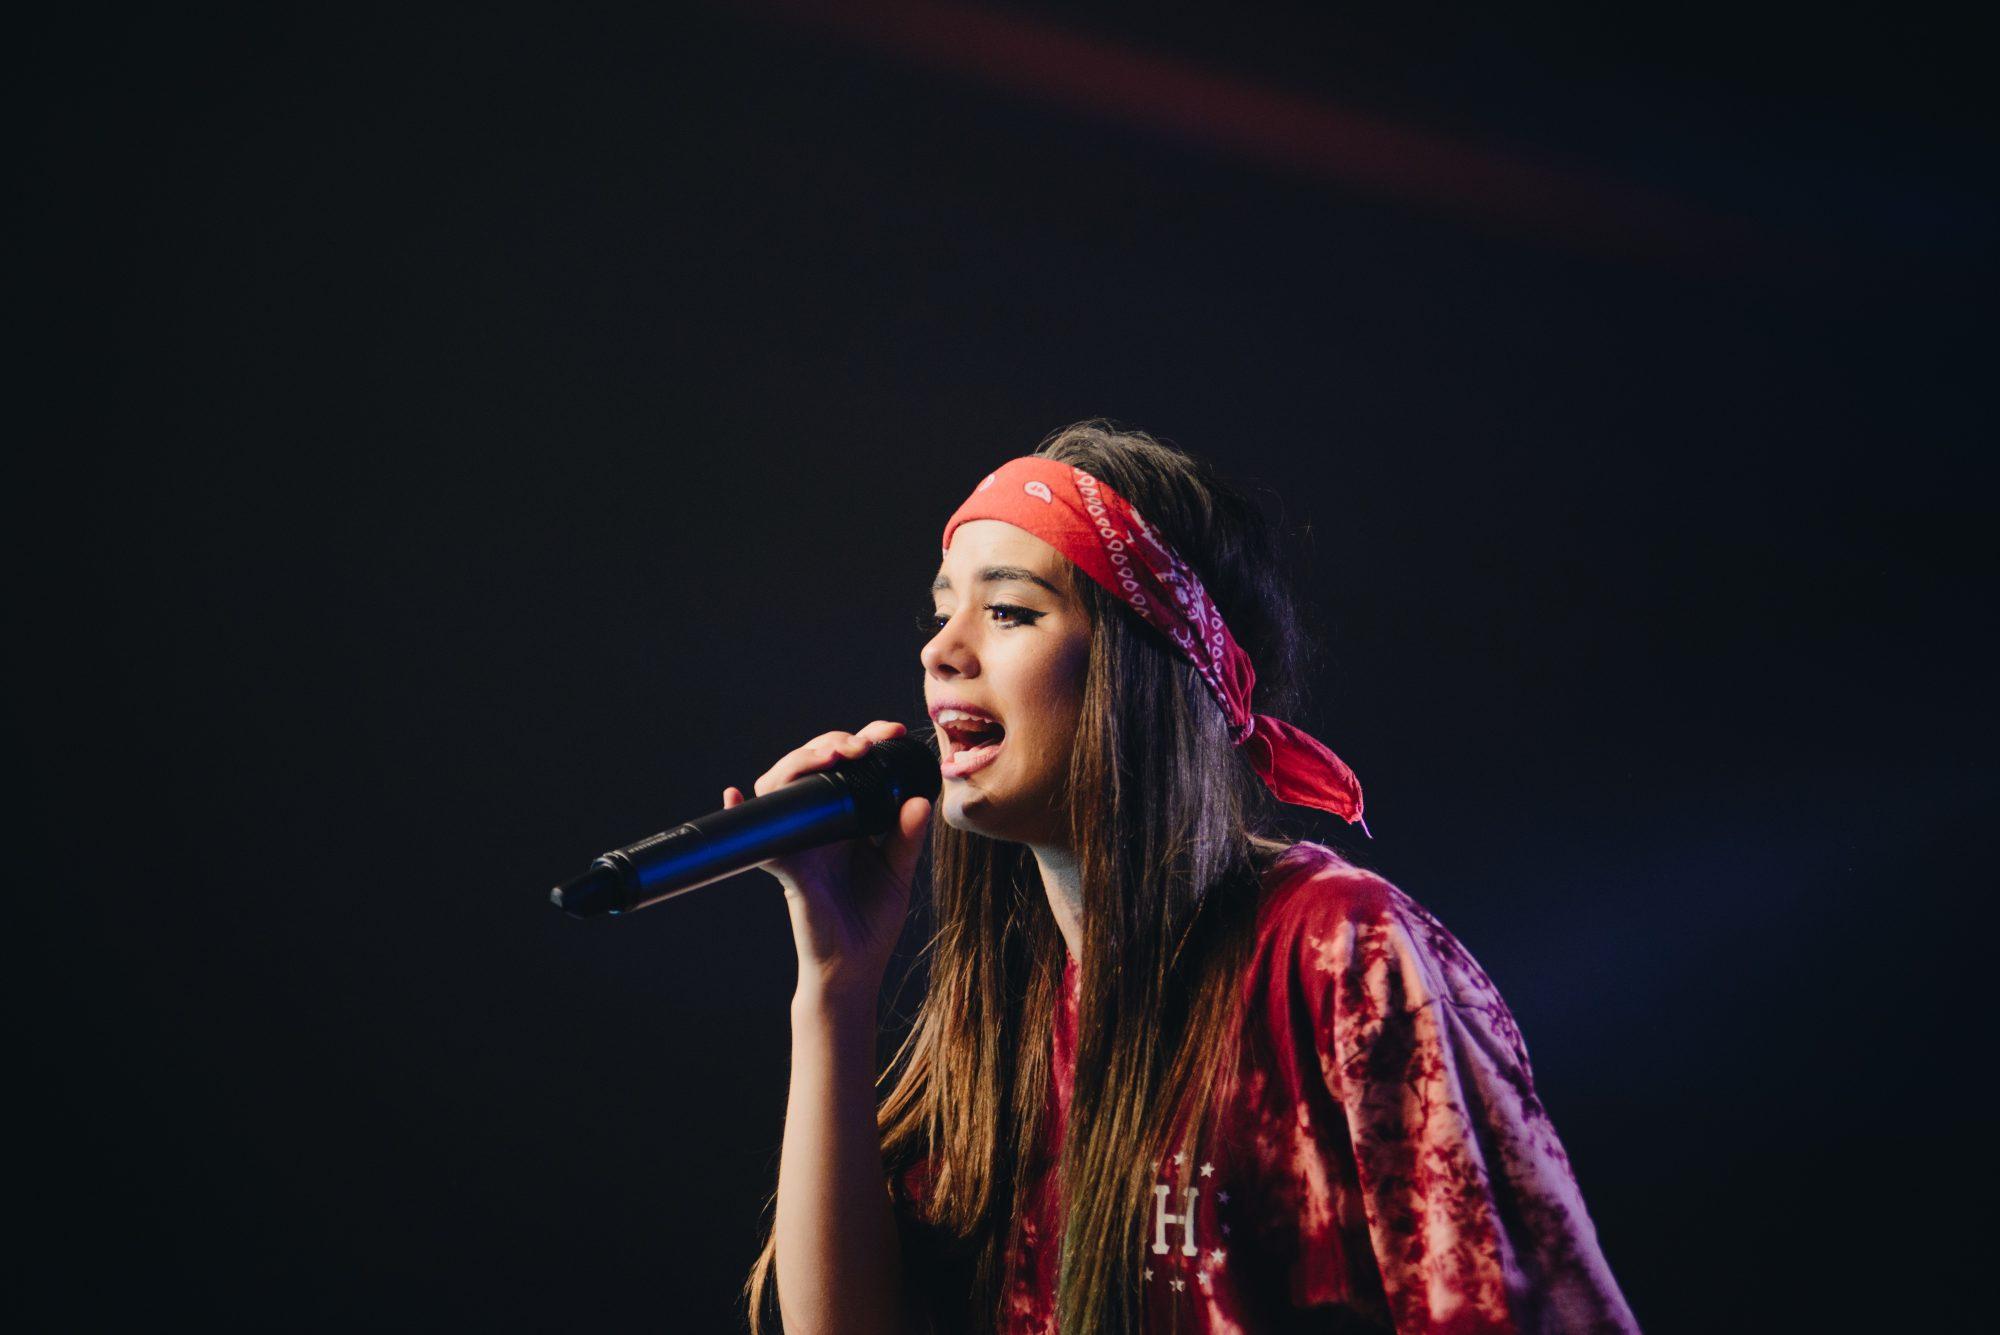 cantando en vivo